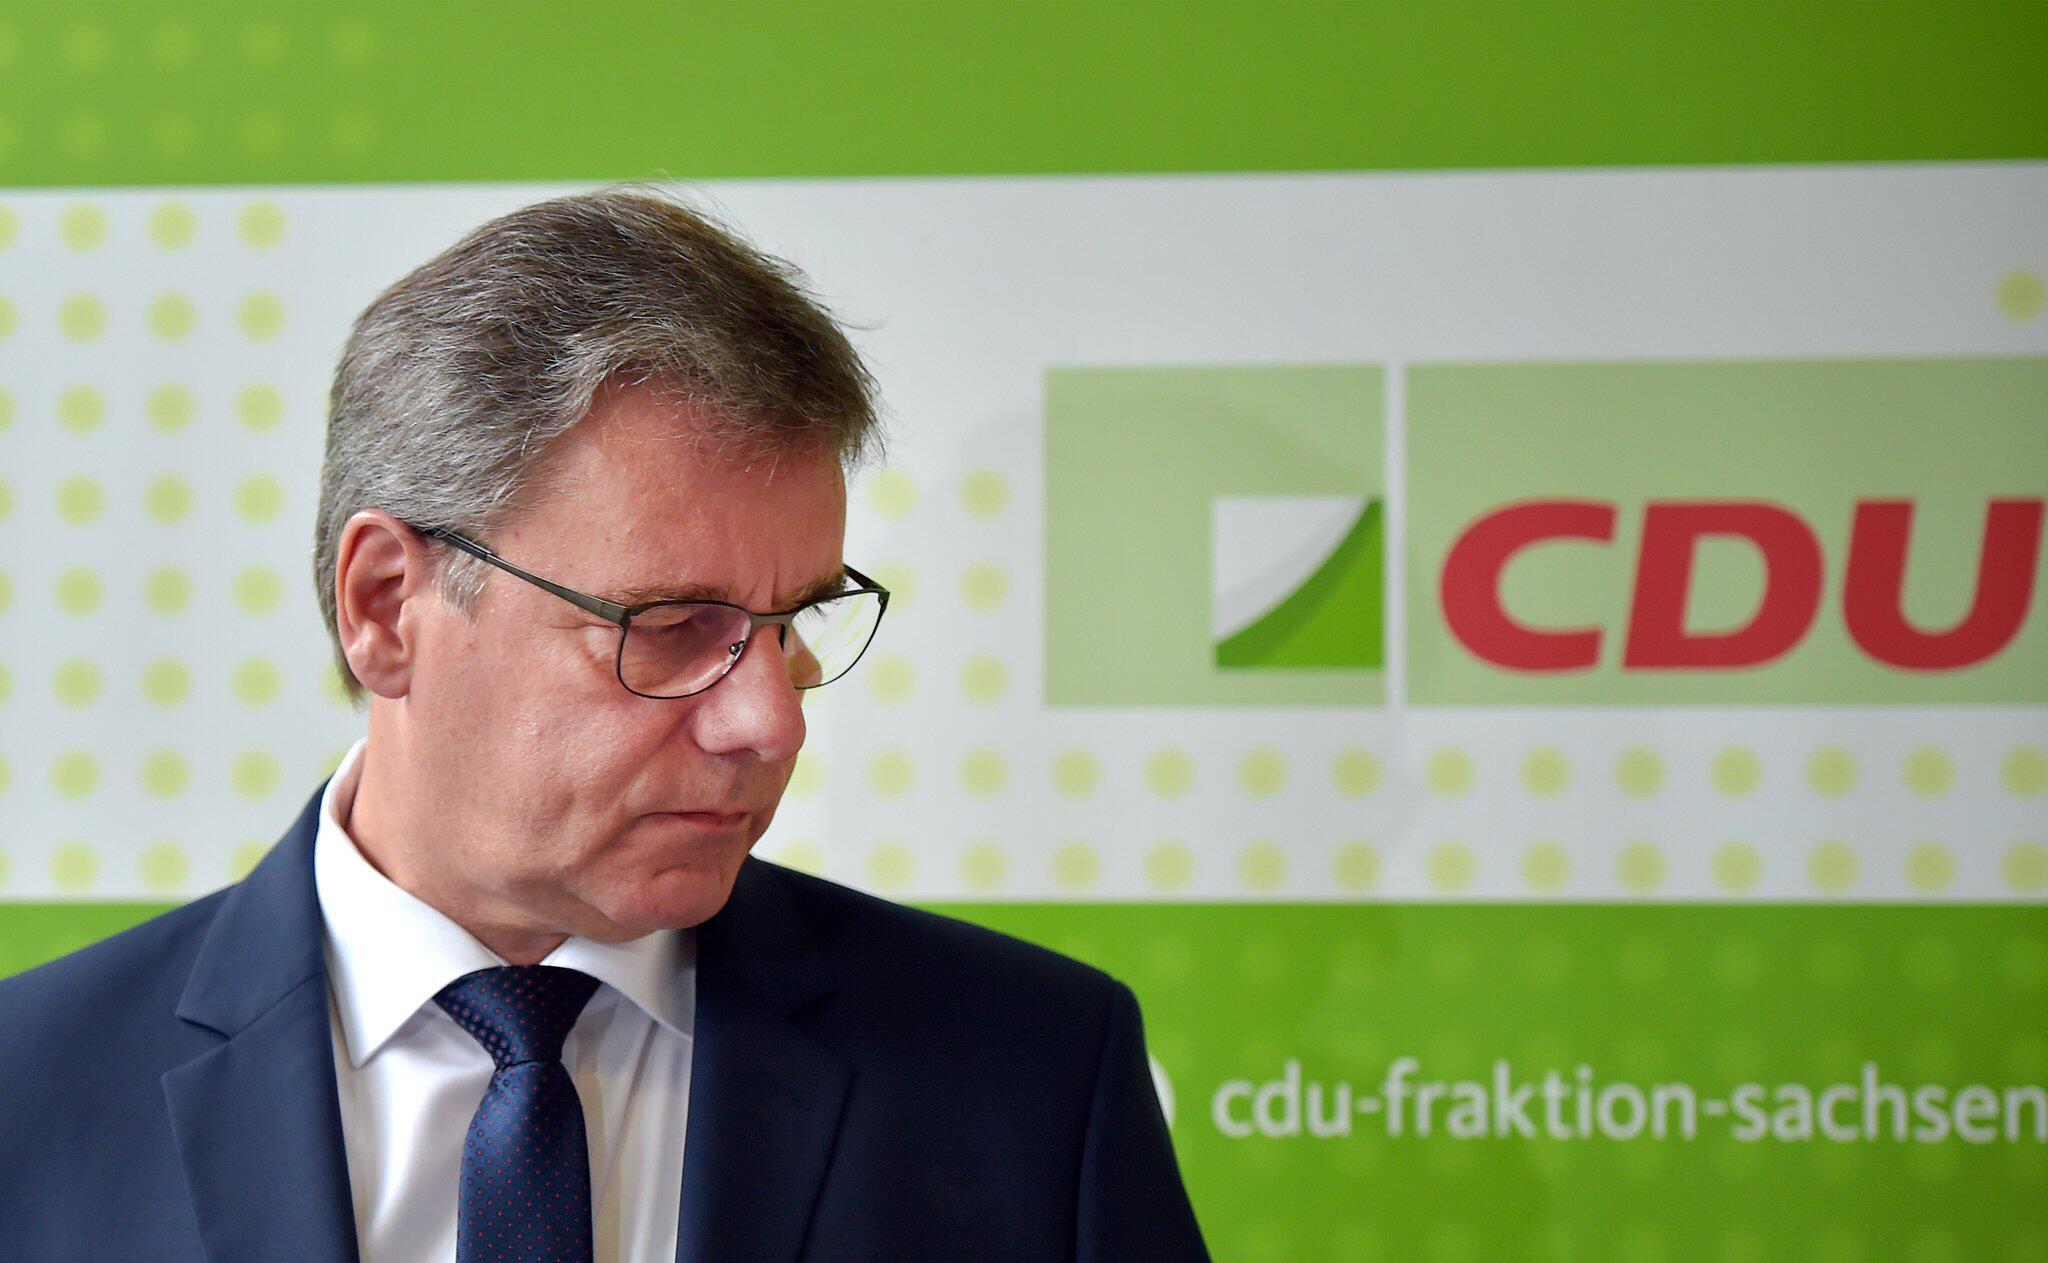 Bild zu Sächsischer CDU-Fraktionsvorsitzender Kupfer tritt zurück